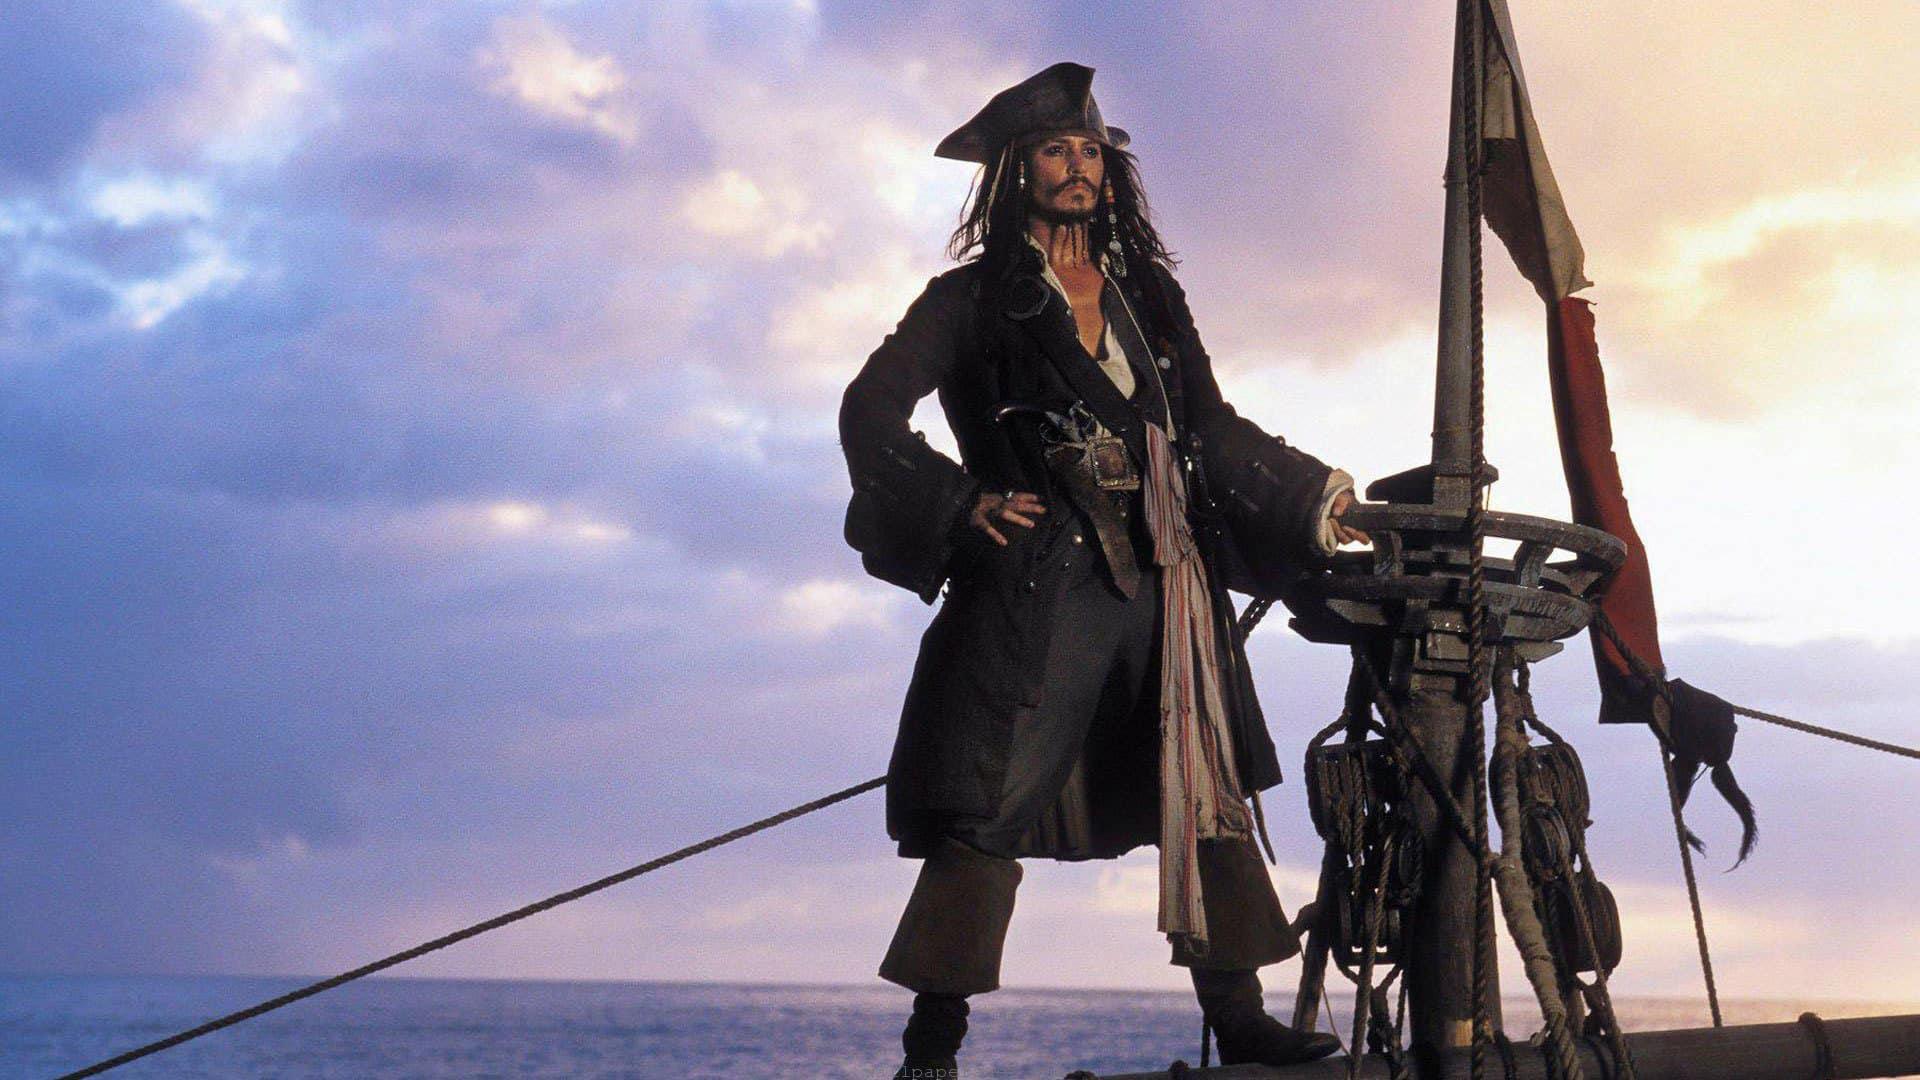 La Maledizione Della Prima Luna Trama Cast Streaming Pirati Dei Caraibi